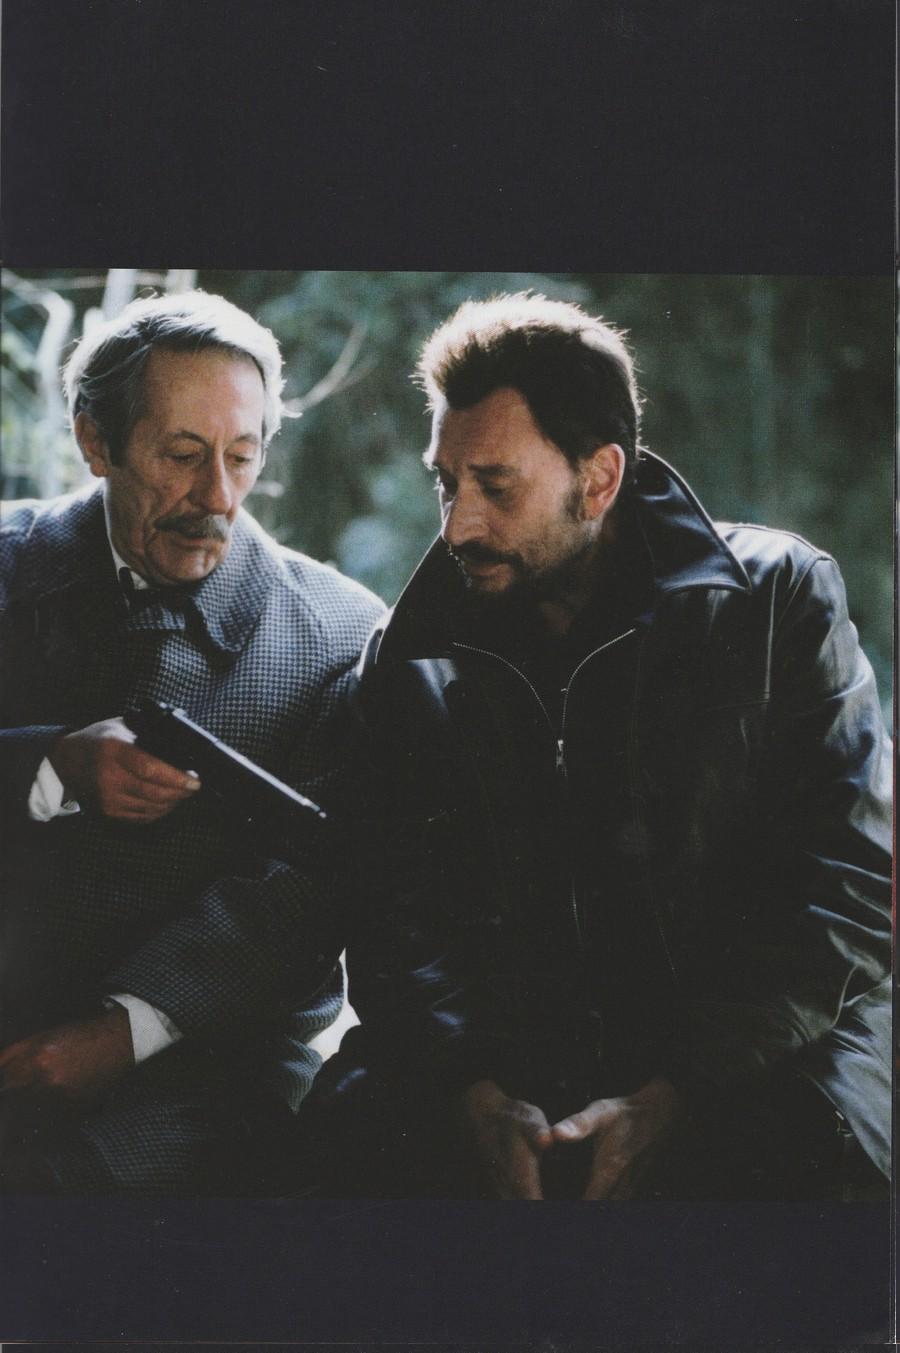 LES FILMS DE JOHNNY 'L'HOMME DU TRAIN' 2002 Img_2753